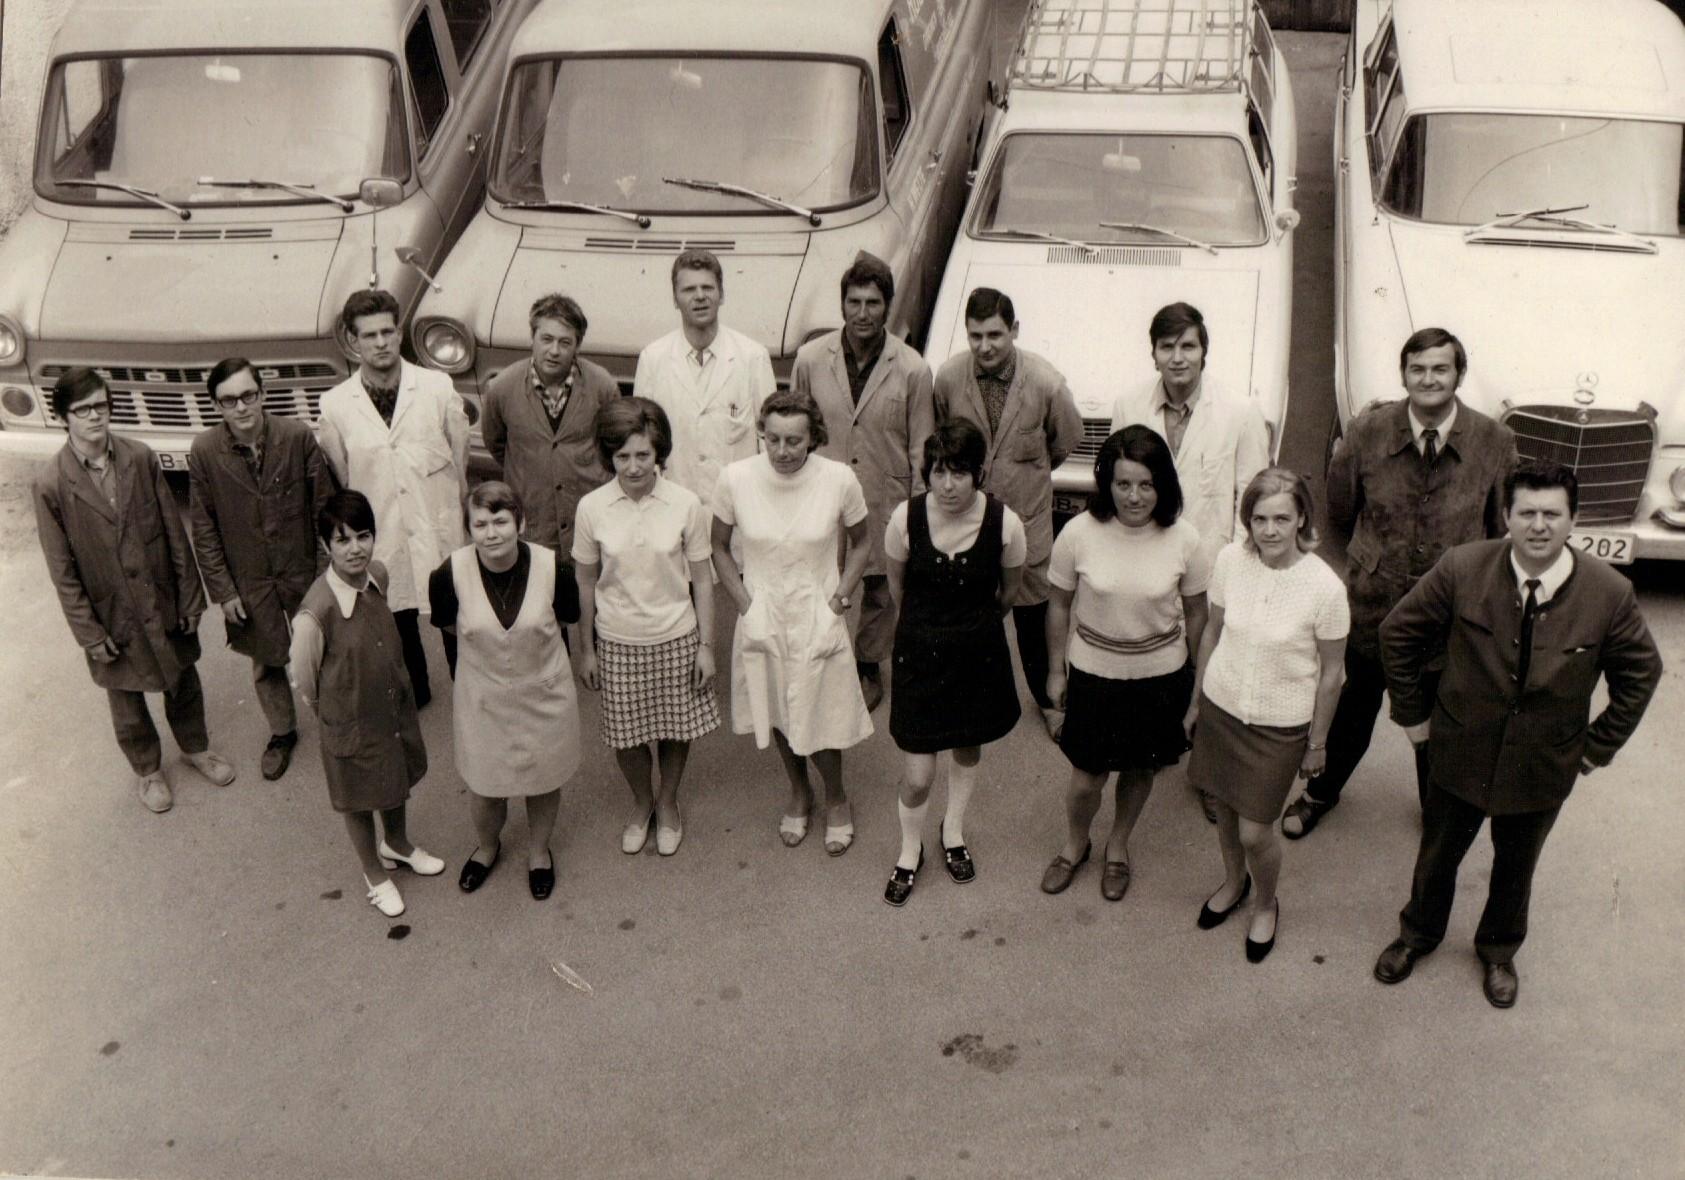 Unser Team vor der Firmenflotte in den 70er Jahren. Hermann Welte im Bild vorne rechts.